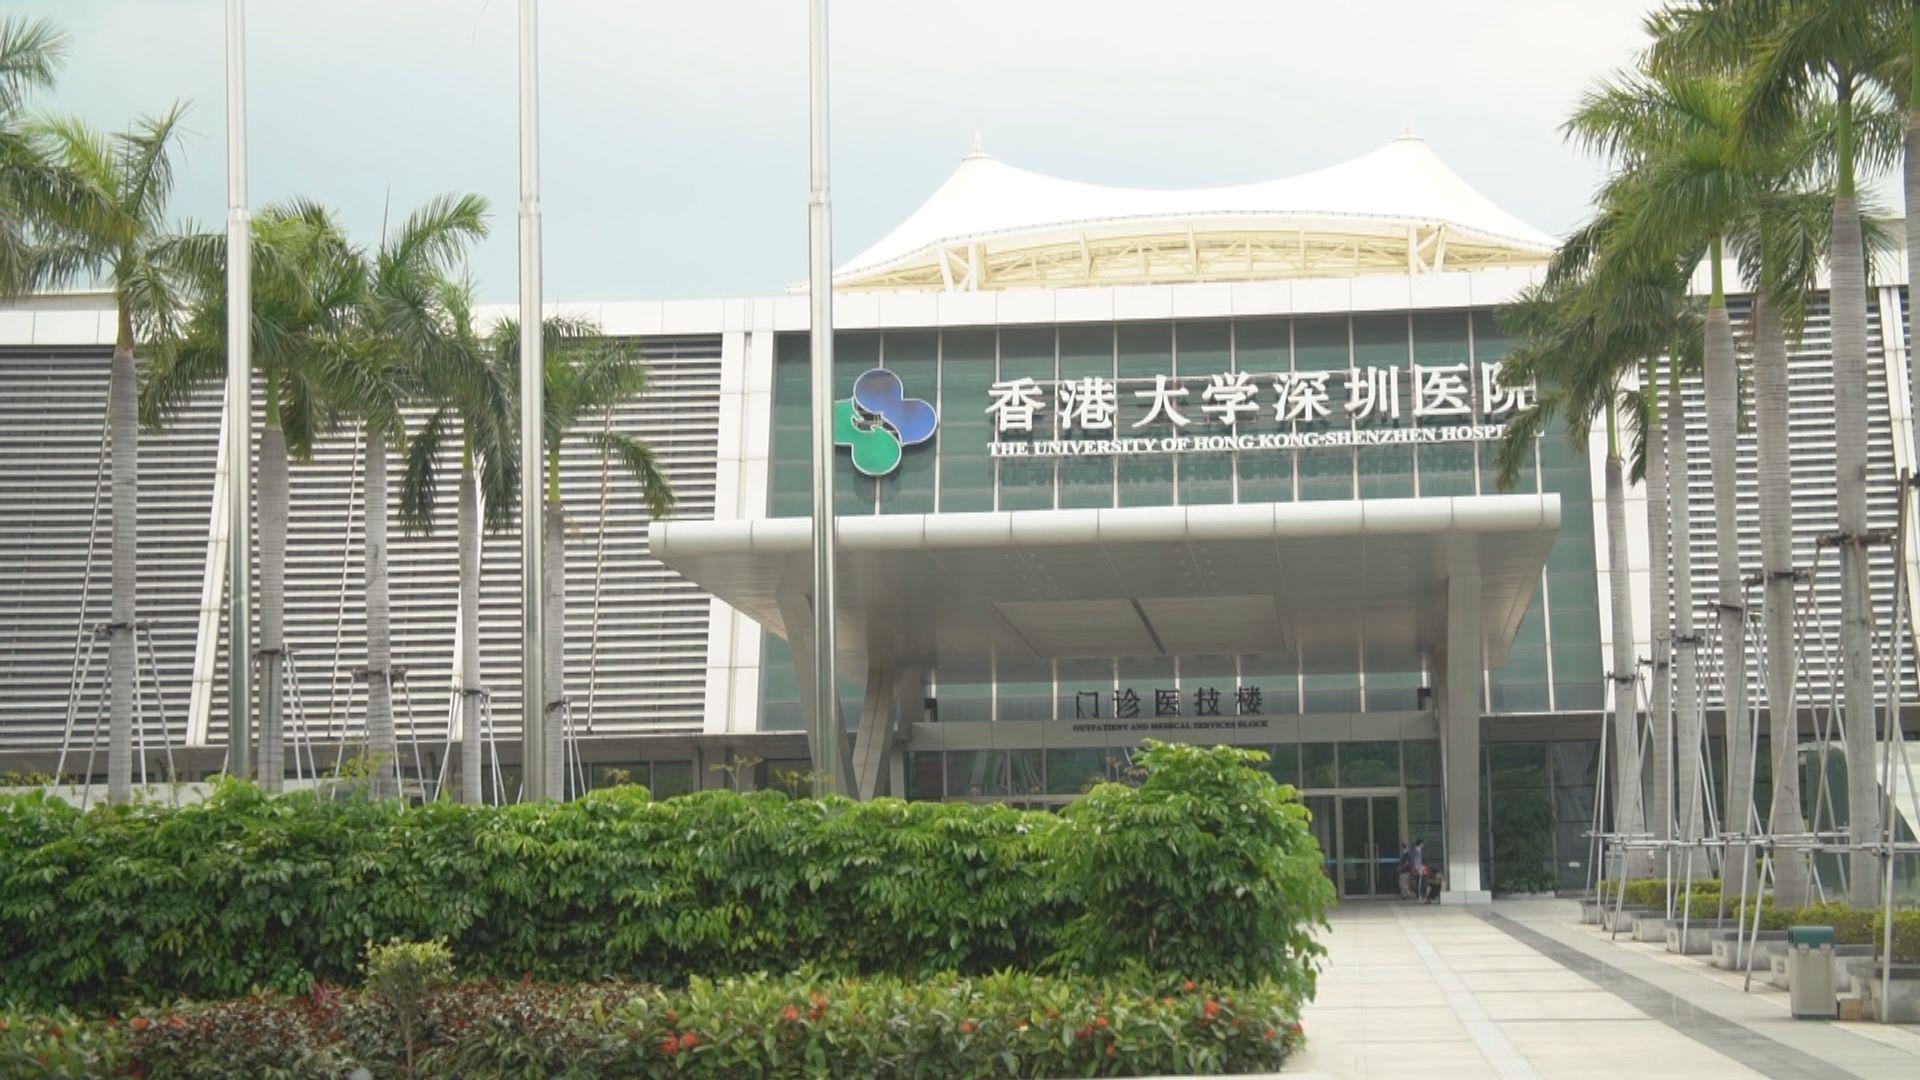 「港藥通」醫療機構增至5間 遍布廣州深圳珠海及中山